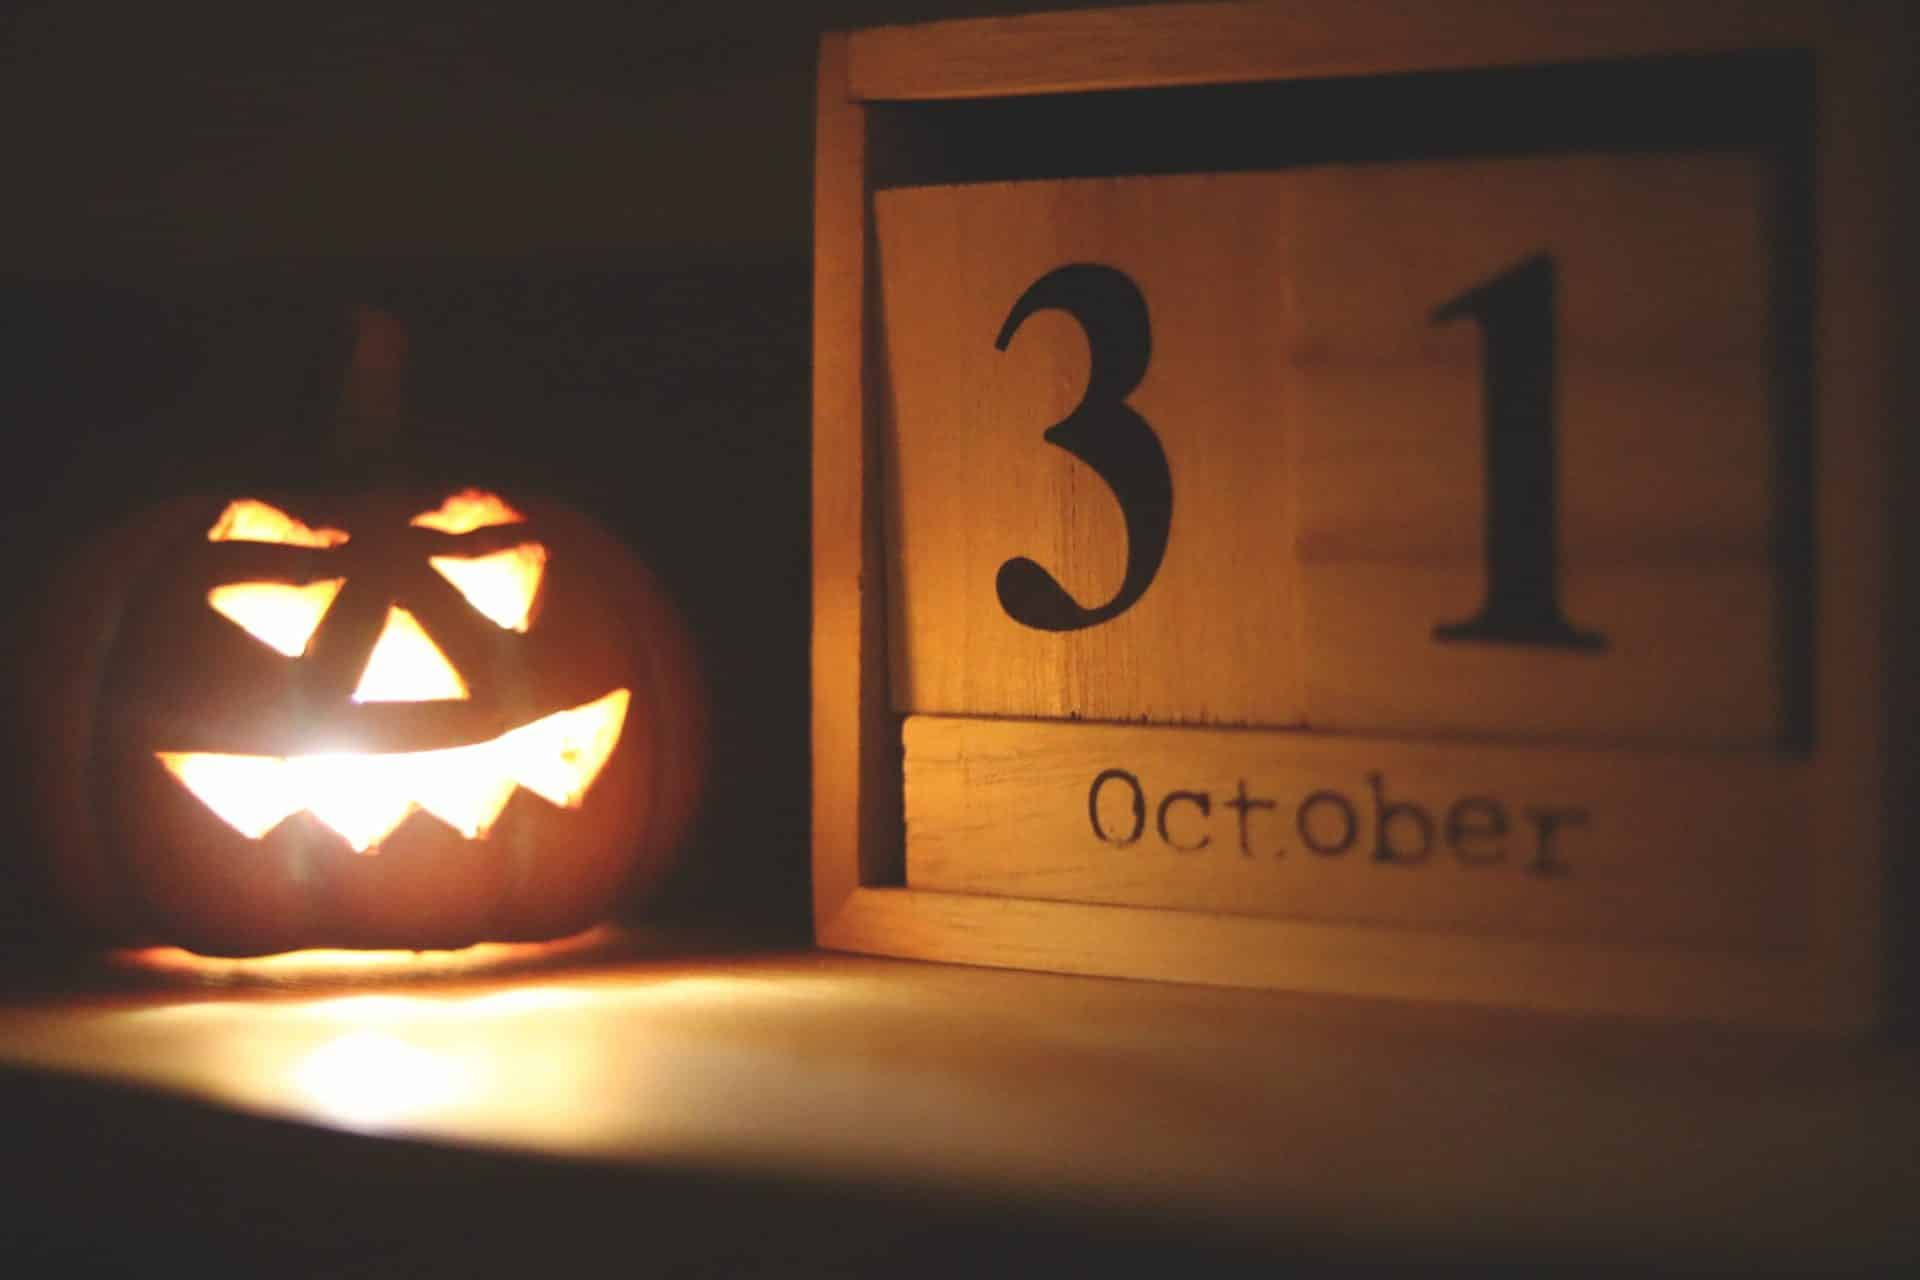 Halloween 2019 Date